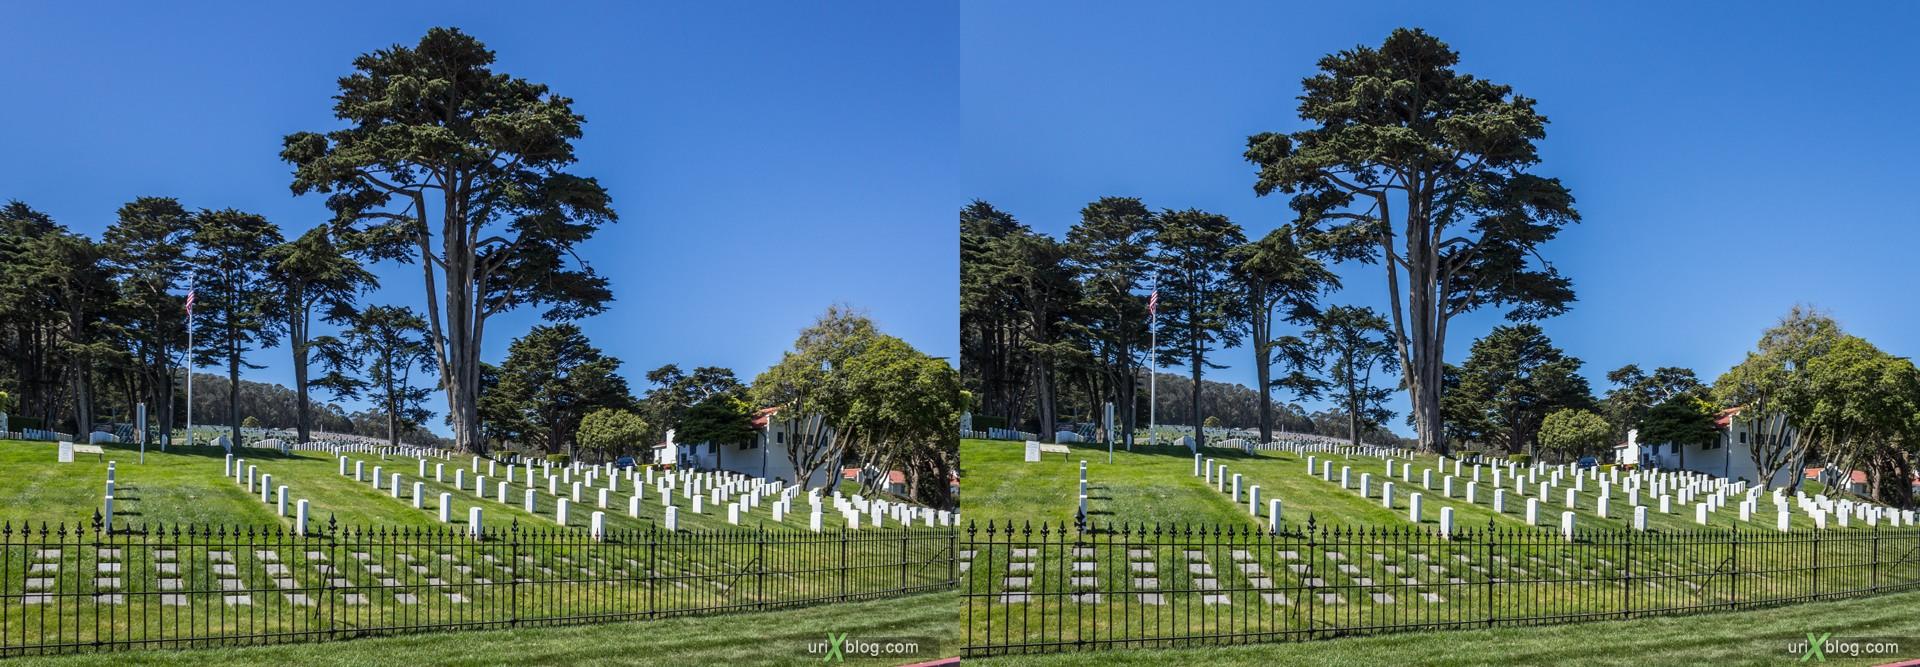 2013, США, Калифорния, Национальное кладбище Сан Франциско, 3D, перекрёстная стереопара, стерео, стереопара